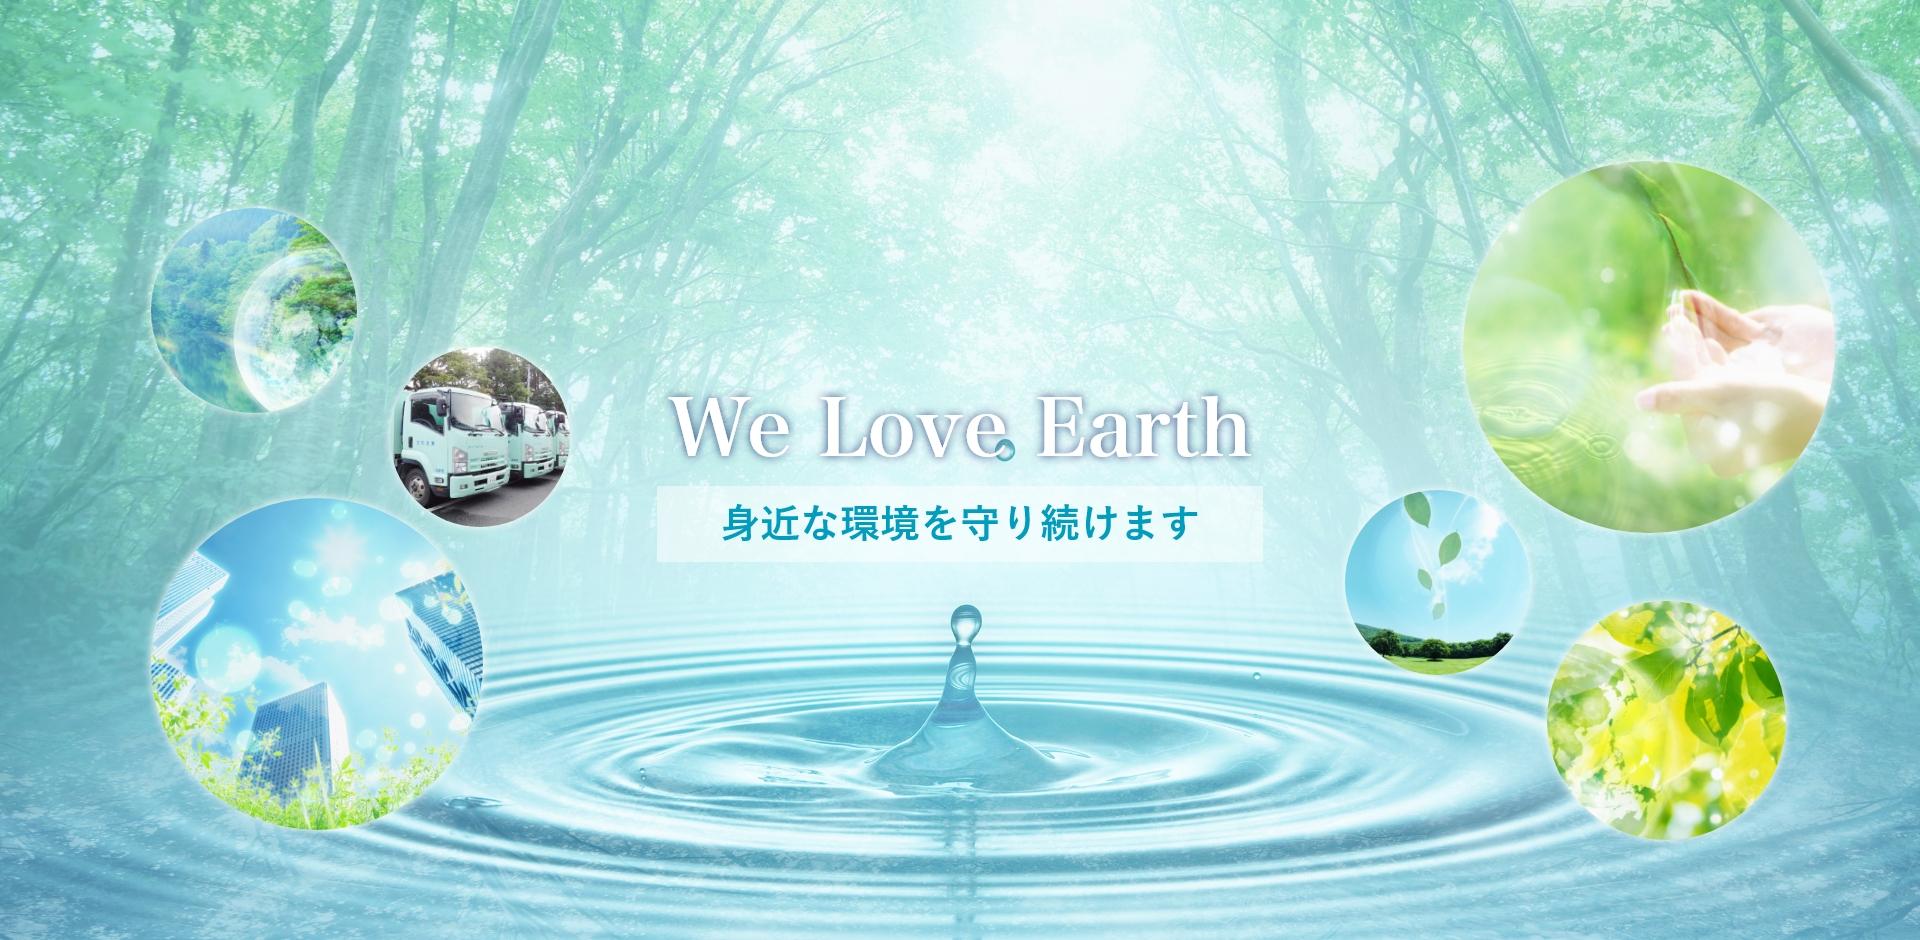 We Love Earth 身近な環境を守り続けます